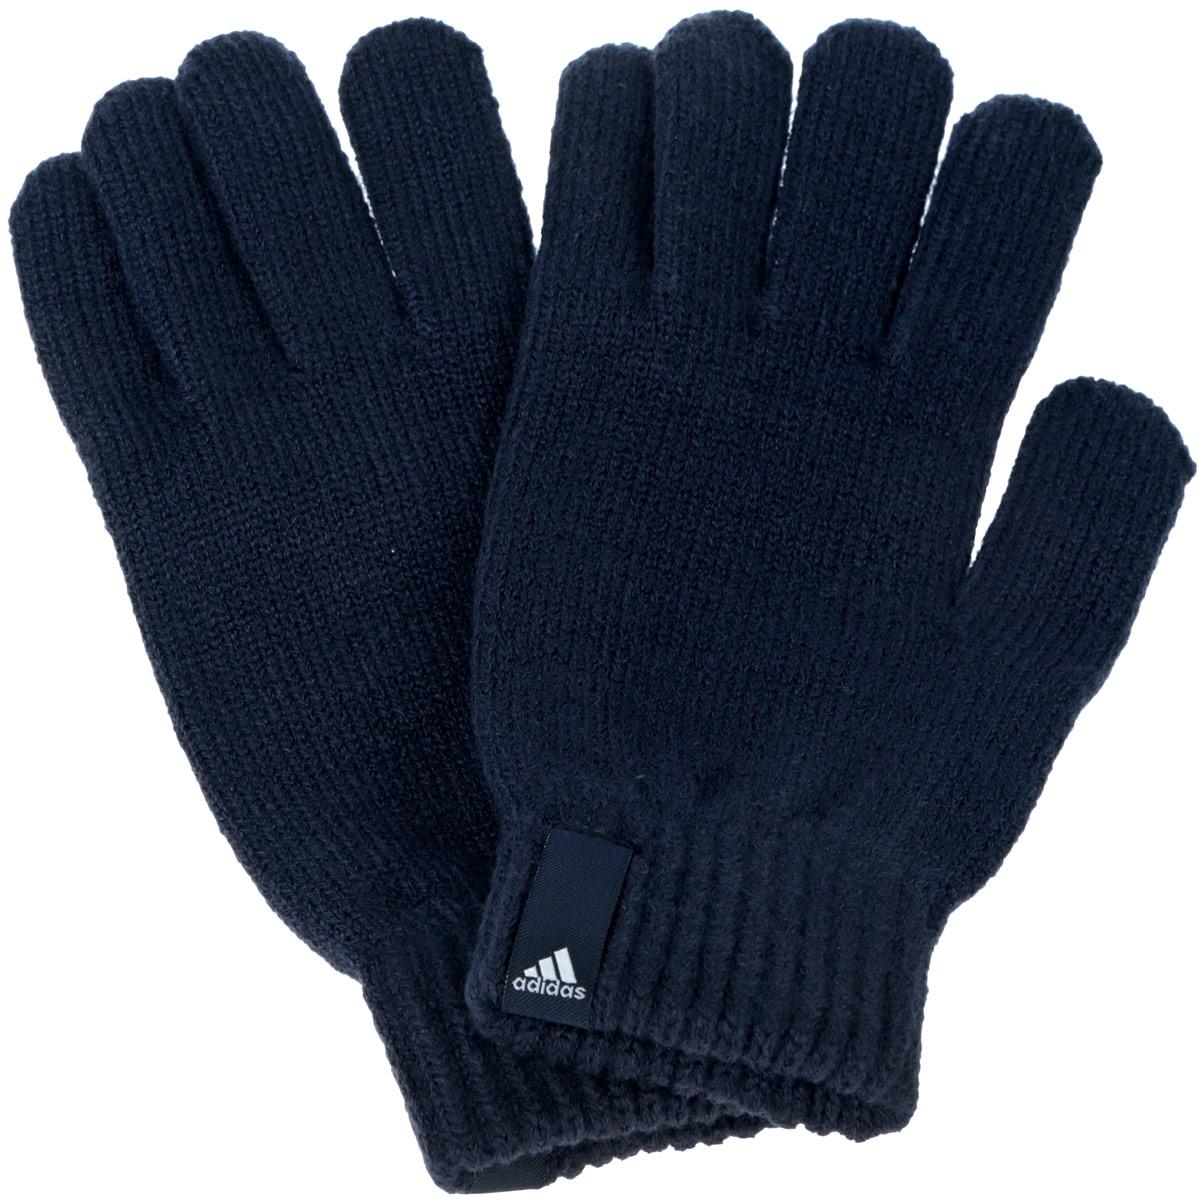 AB0346Теплые вязаные Adidas Performance станут великолепным дополнением вашего образа и защитят ваши руки от холода и ветра во время прогулок. Перчатки, выполненные из акрила, полиэстера и эластана, надежно сохраняют тепло и обеспечивают удобство и комфорт при носке. Такие перчатки будут оригинальным завершающим штрихом в создании современного модного образа, они подчеркнут ваш изысканный вкус и станут незаменимым и практичным аксессуаром.